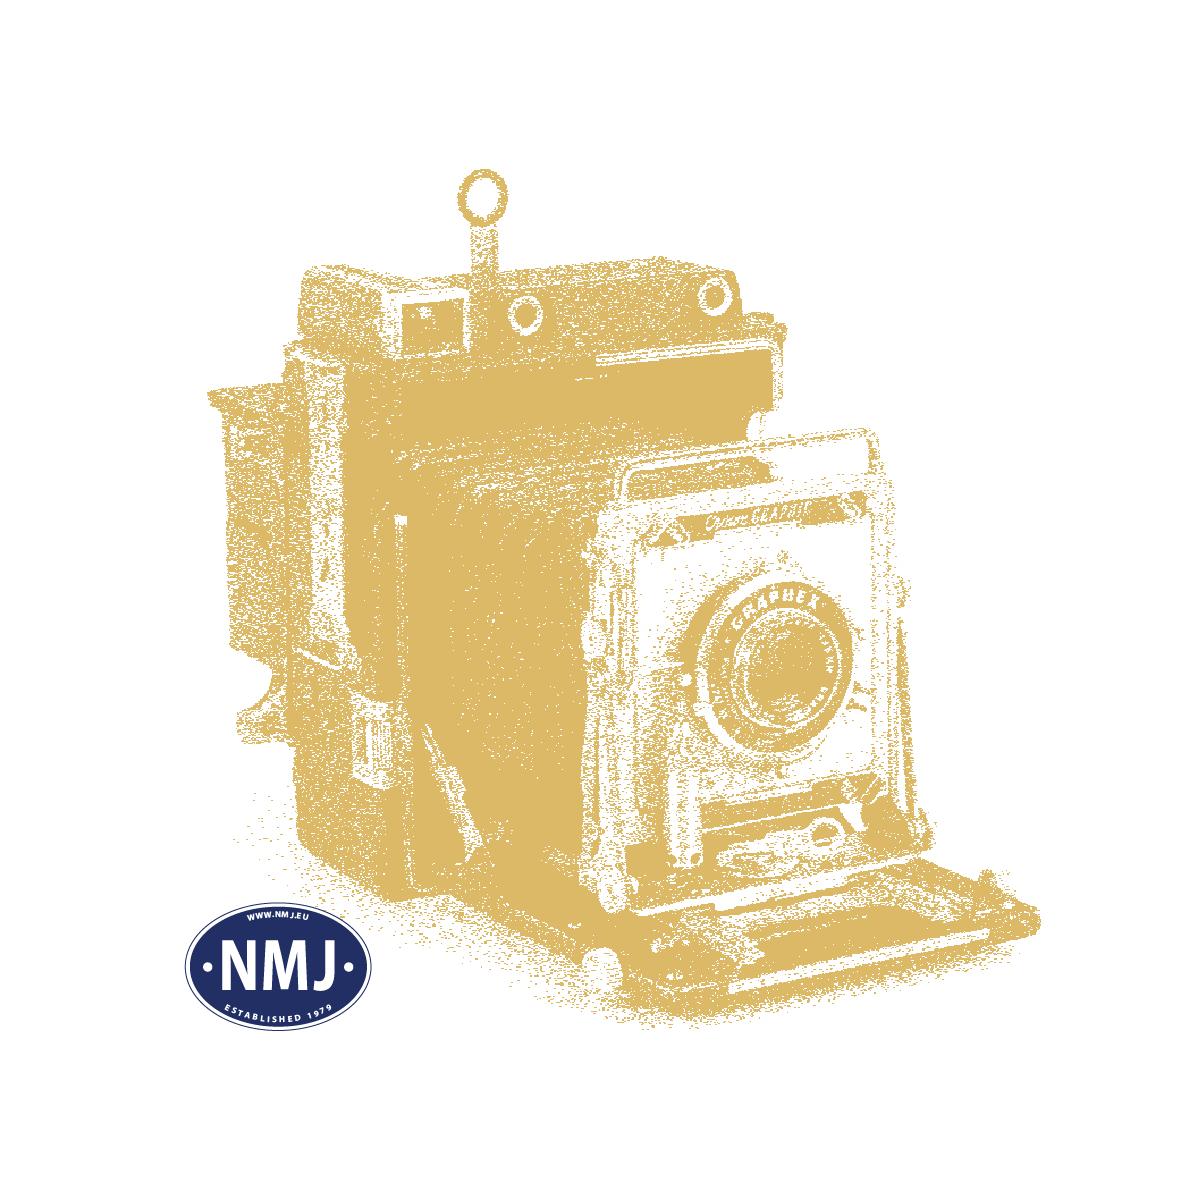 MIN100-12S - Filigranbusker, Sommer, 1:160 - 220